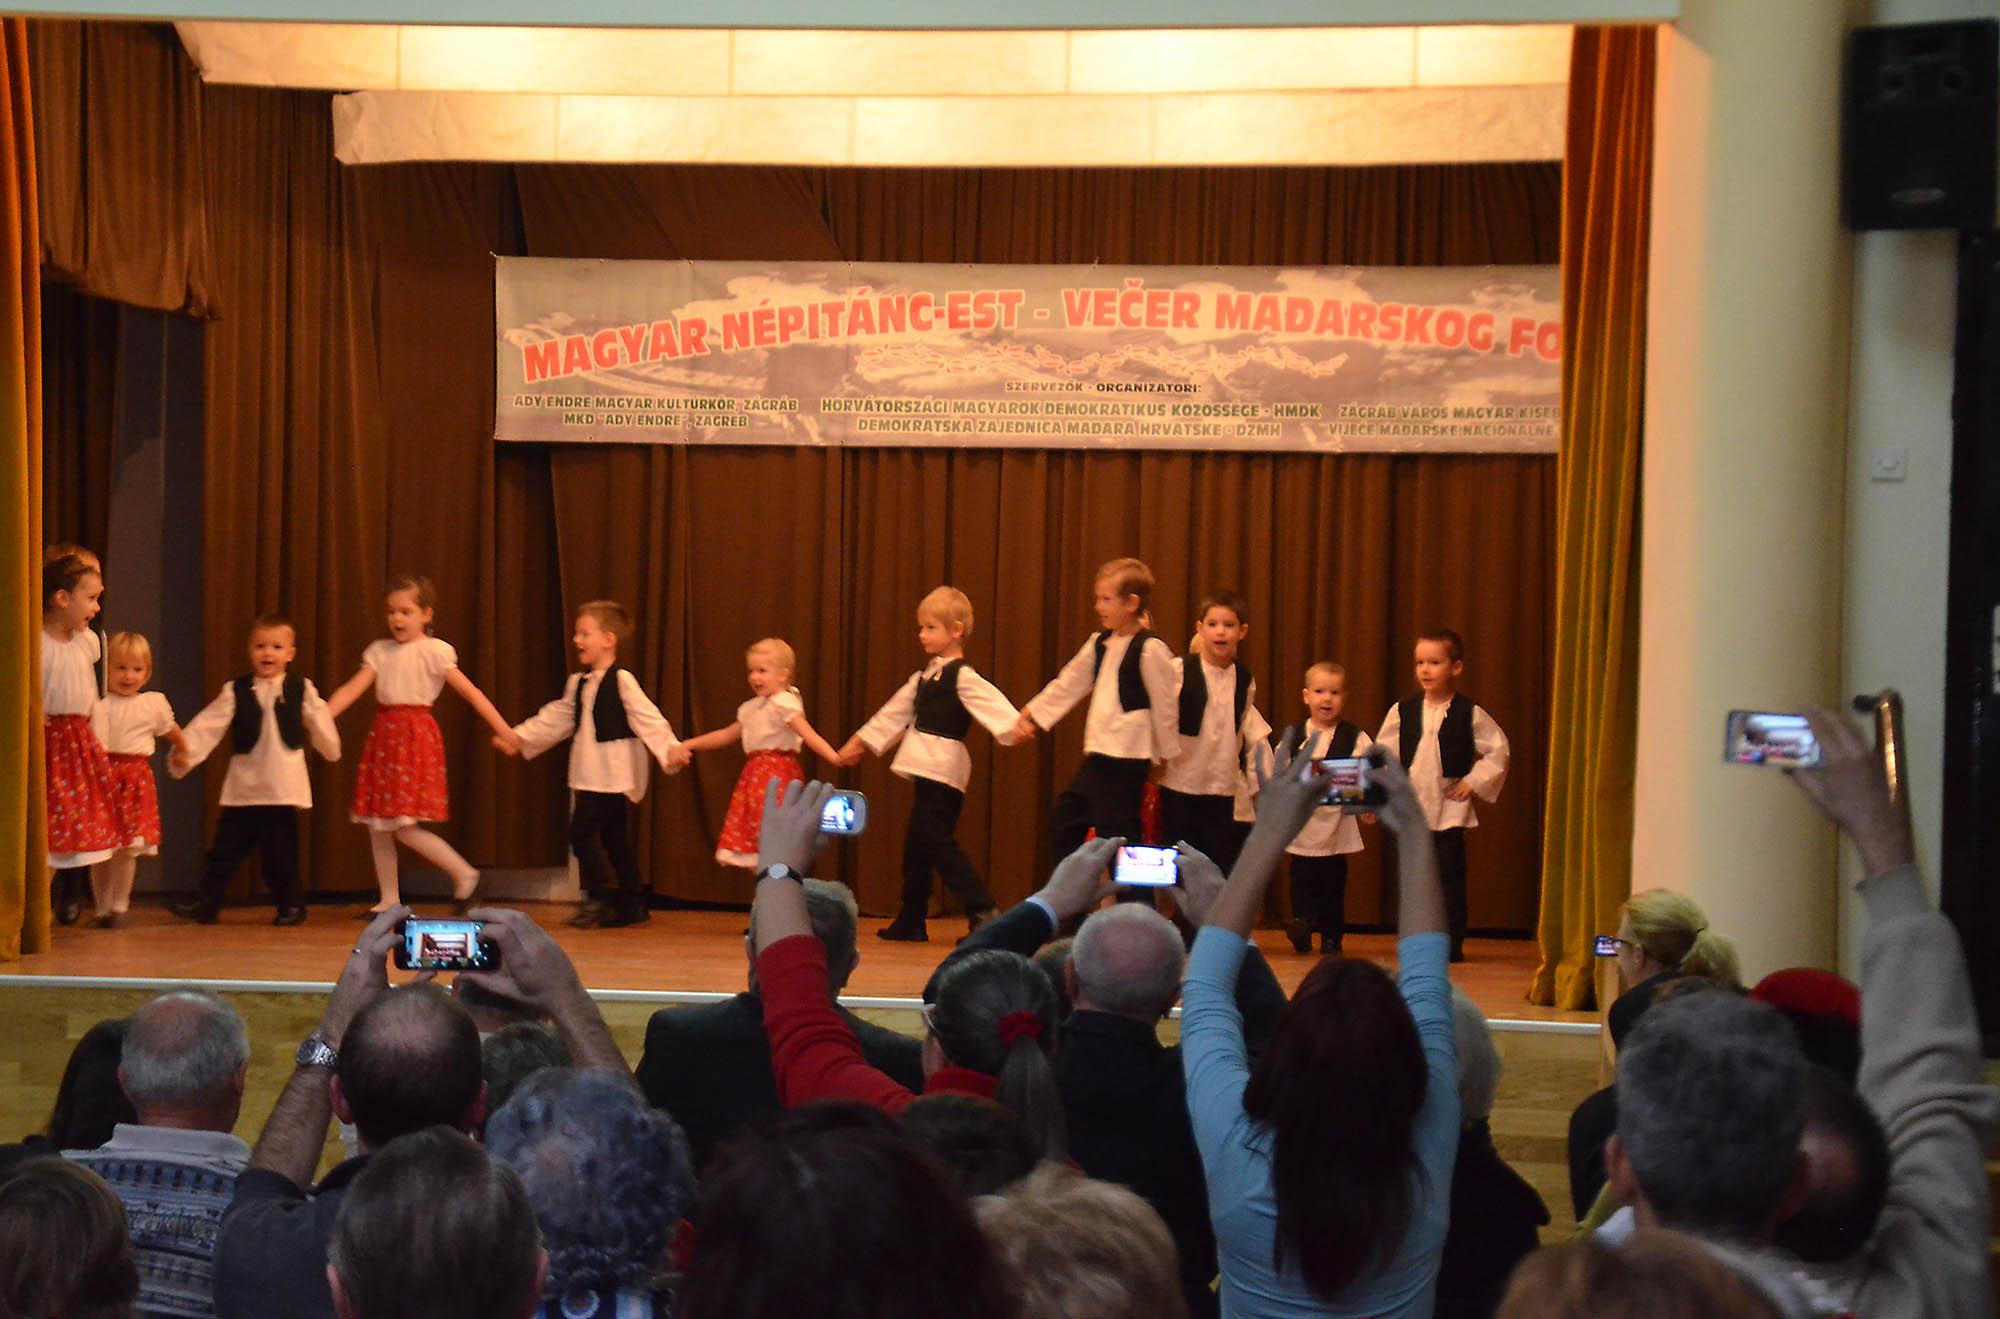 Vecer Madjarskkog Folklora (6)